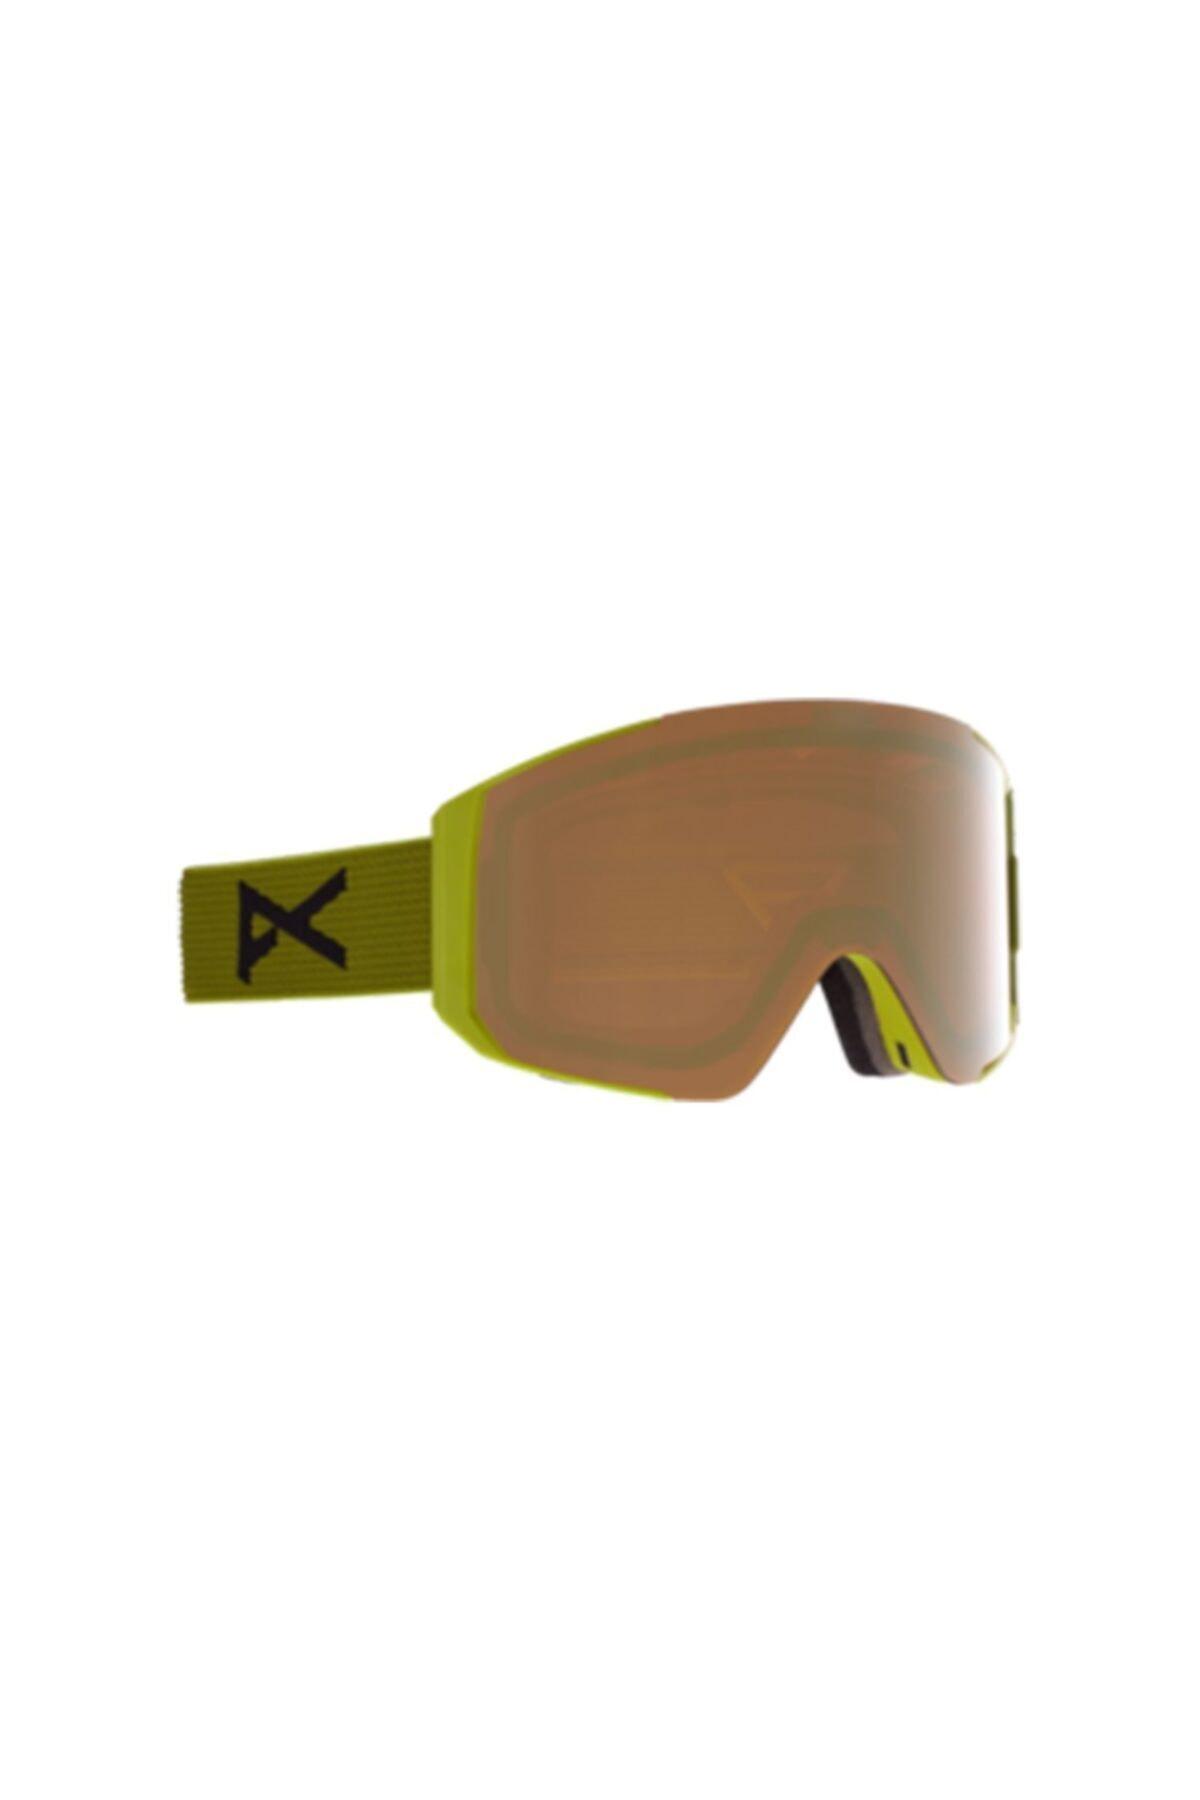 Anon Erkek Sync Goggle Snowboard Gözlük 1